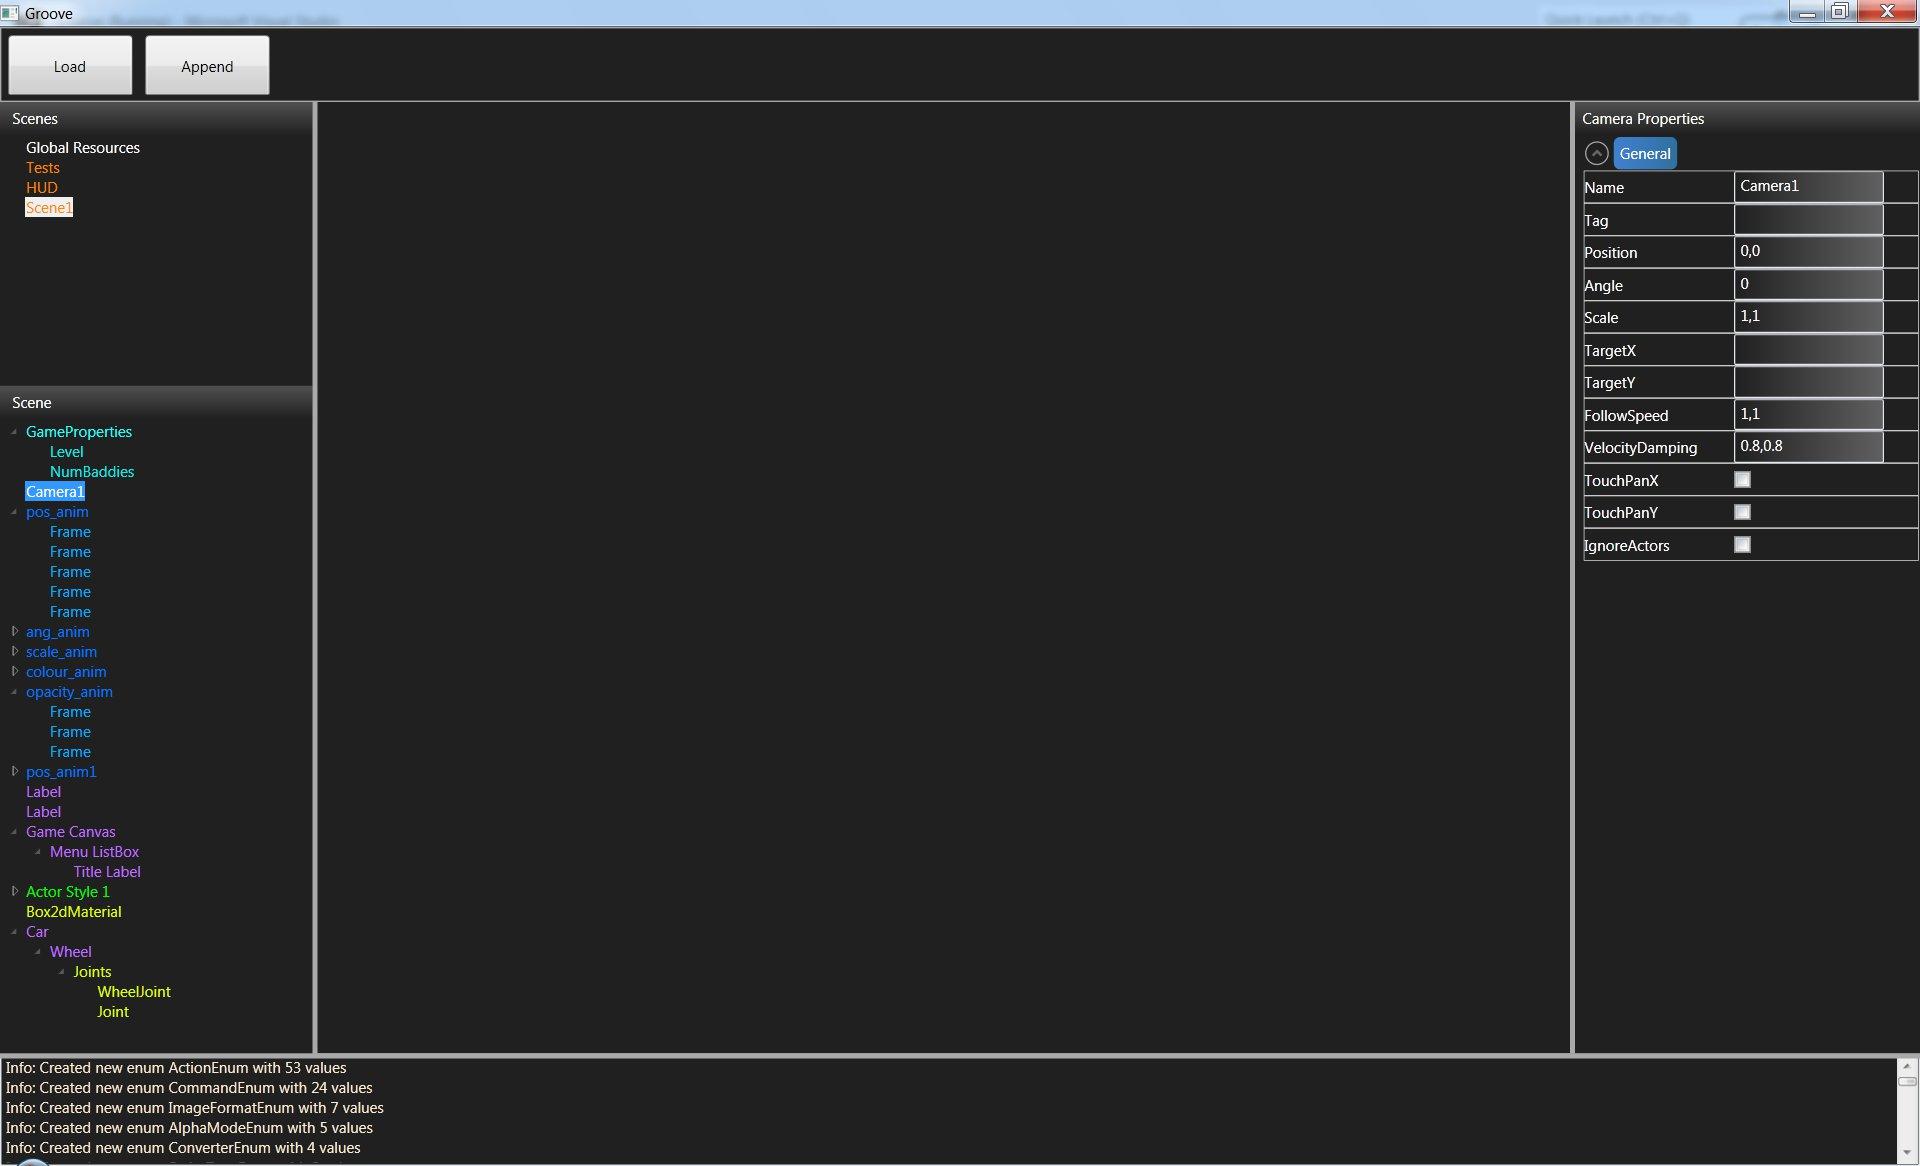 C programming drmop C language online editor